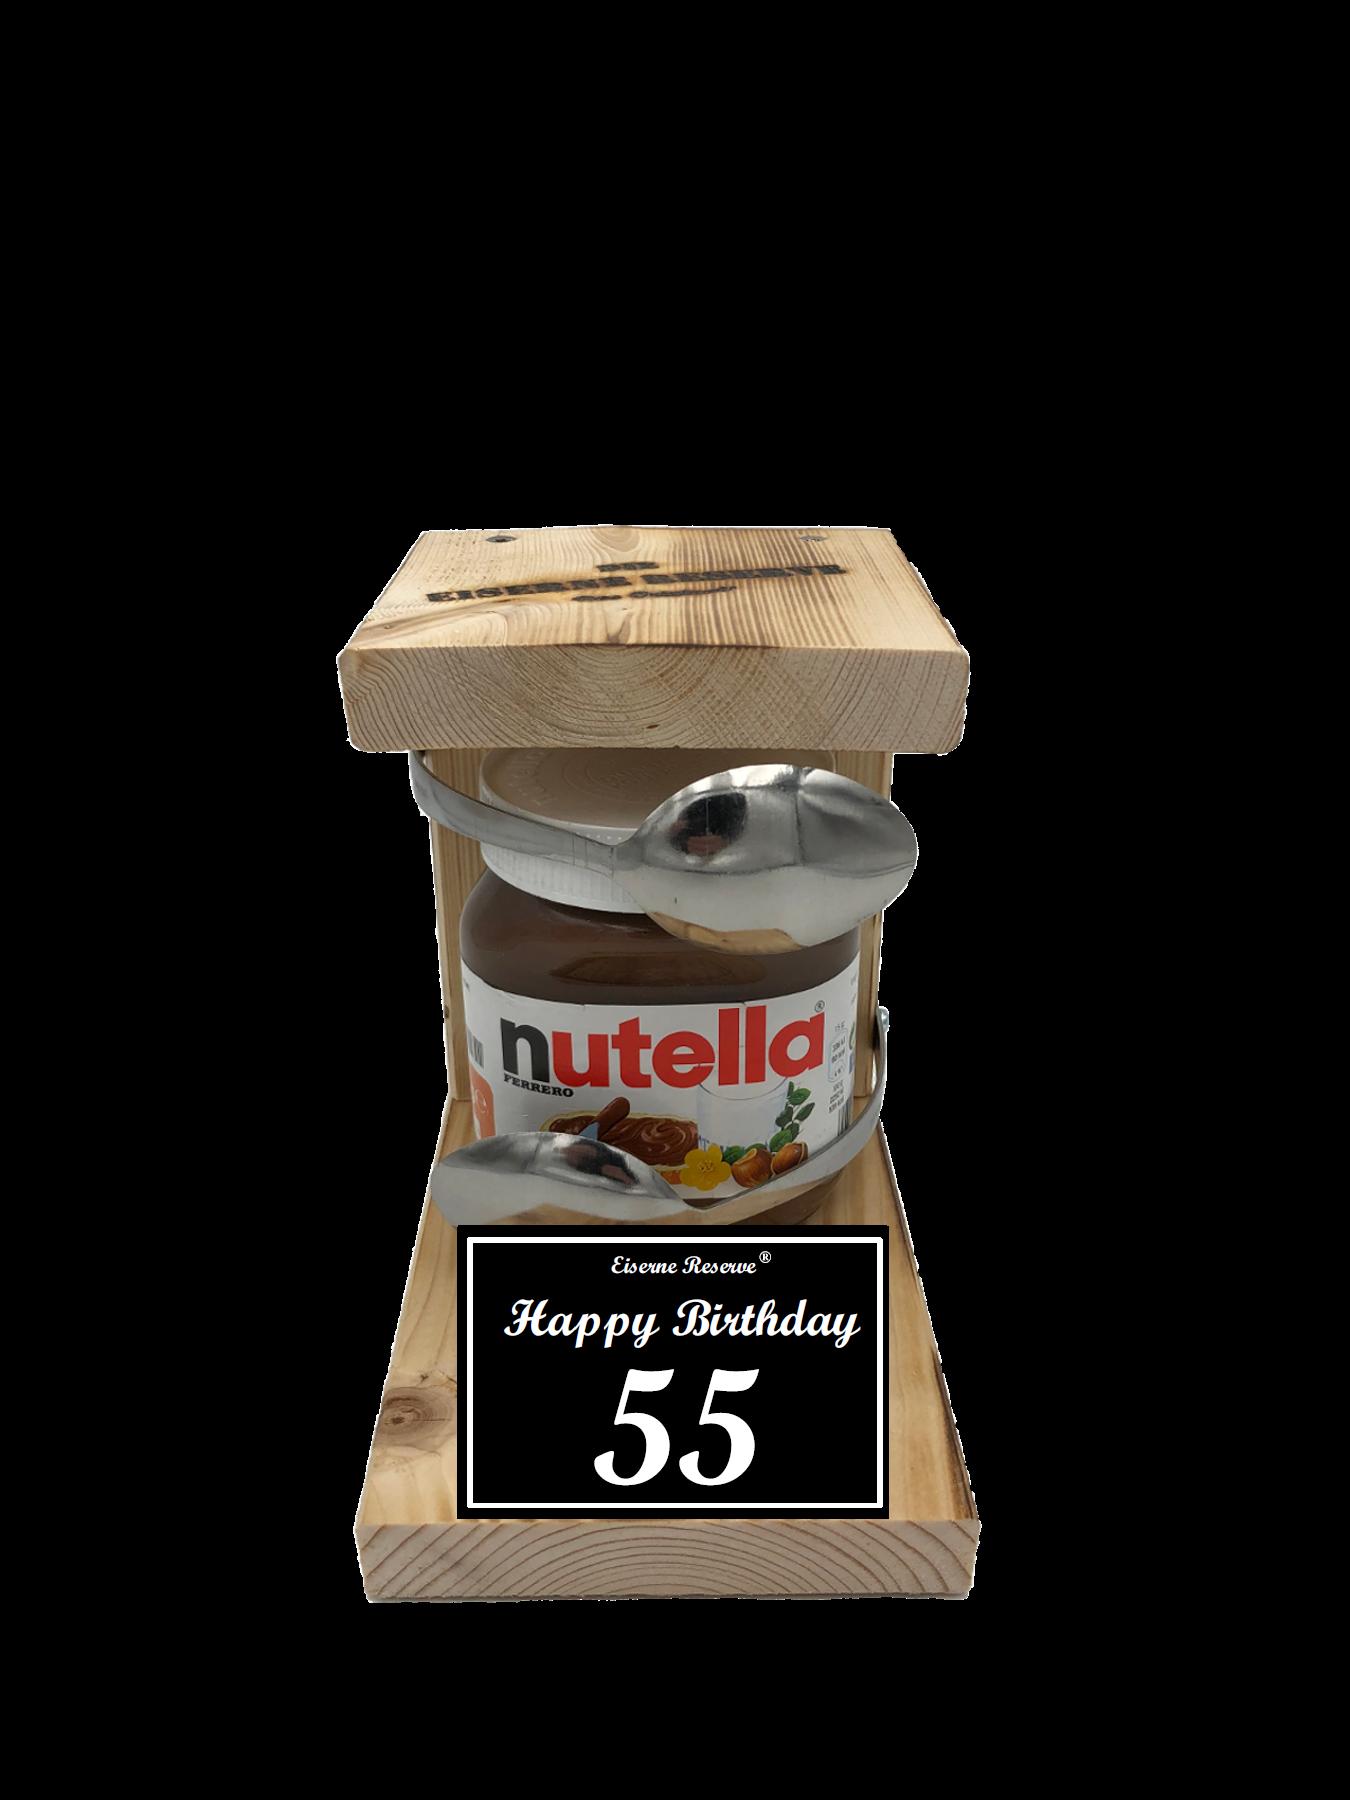 55 Happy Birthday Löffel Nutella Geschenk - Die Nutella Geschenkidee